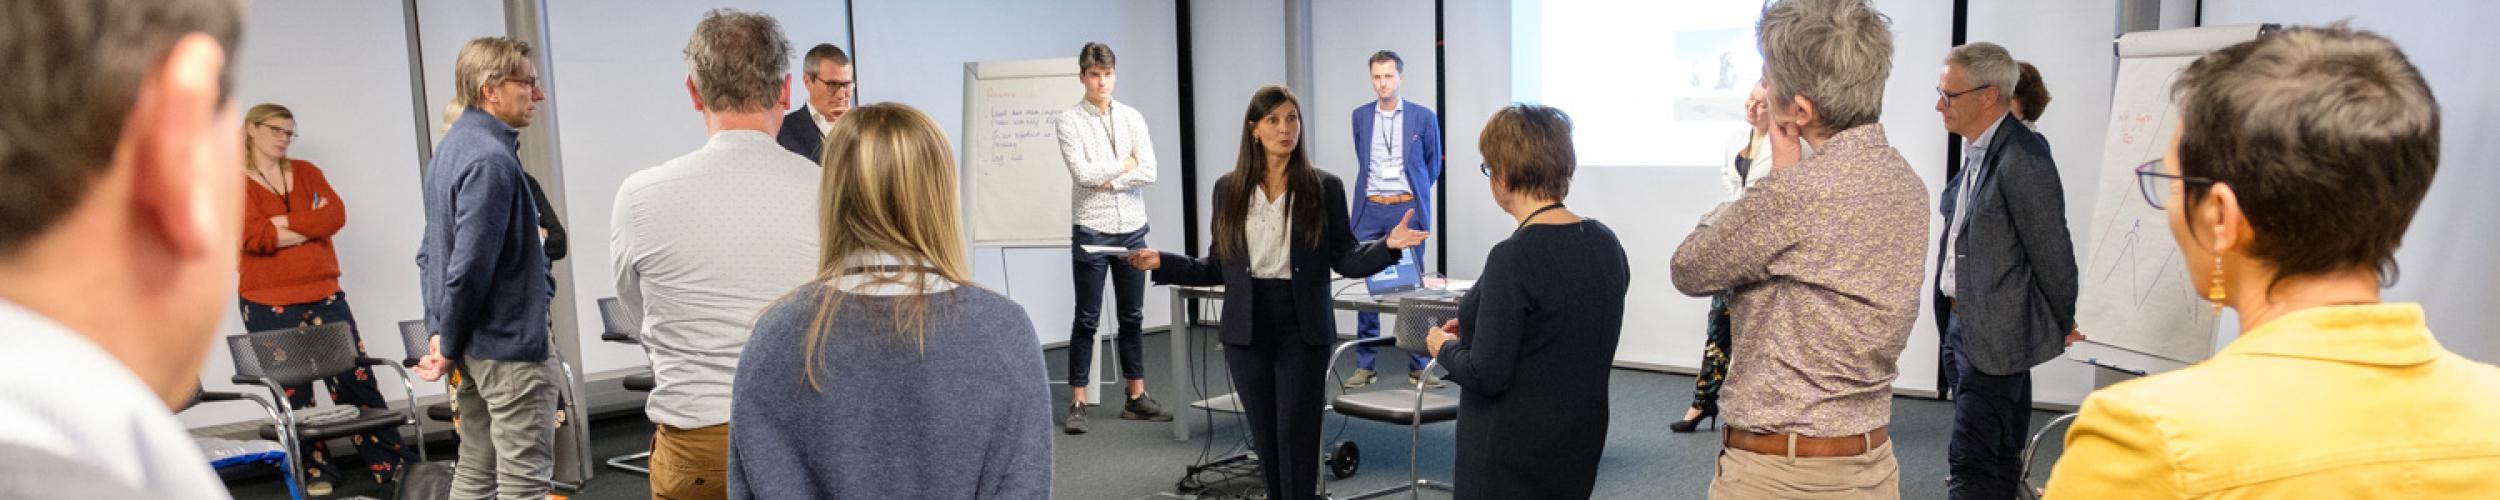 Teamcoaching en Leadership Development